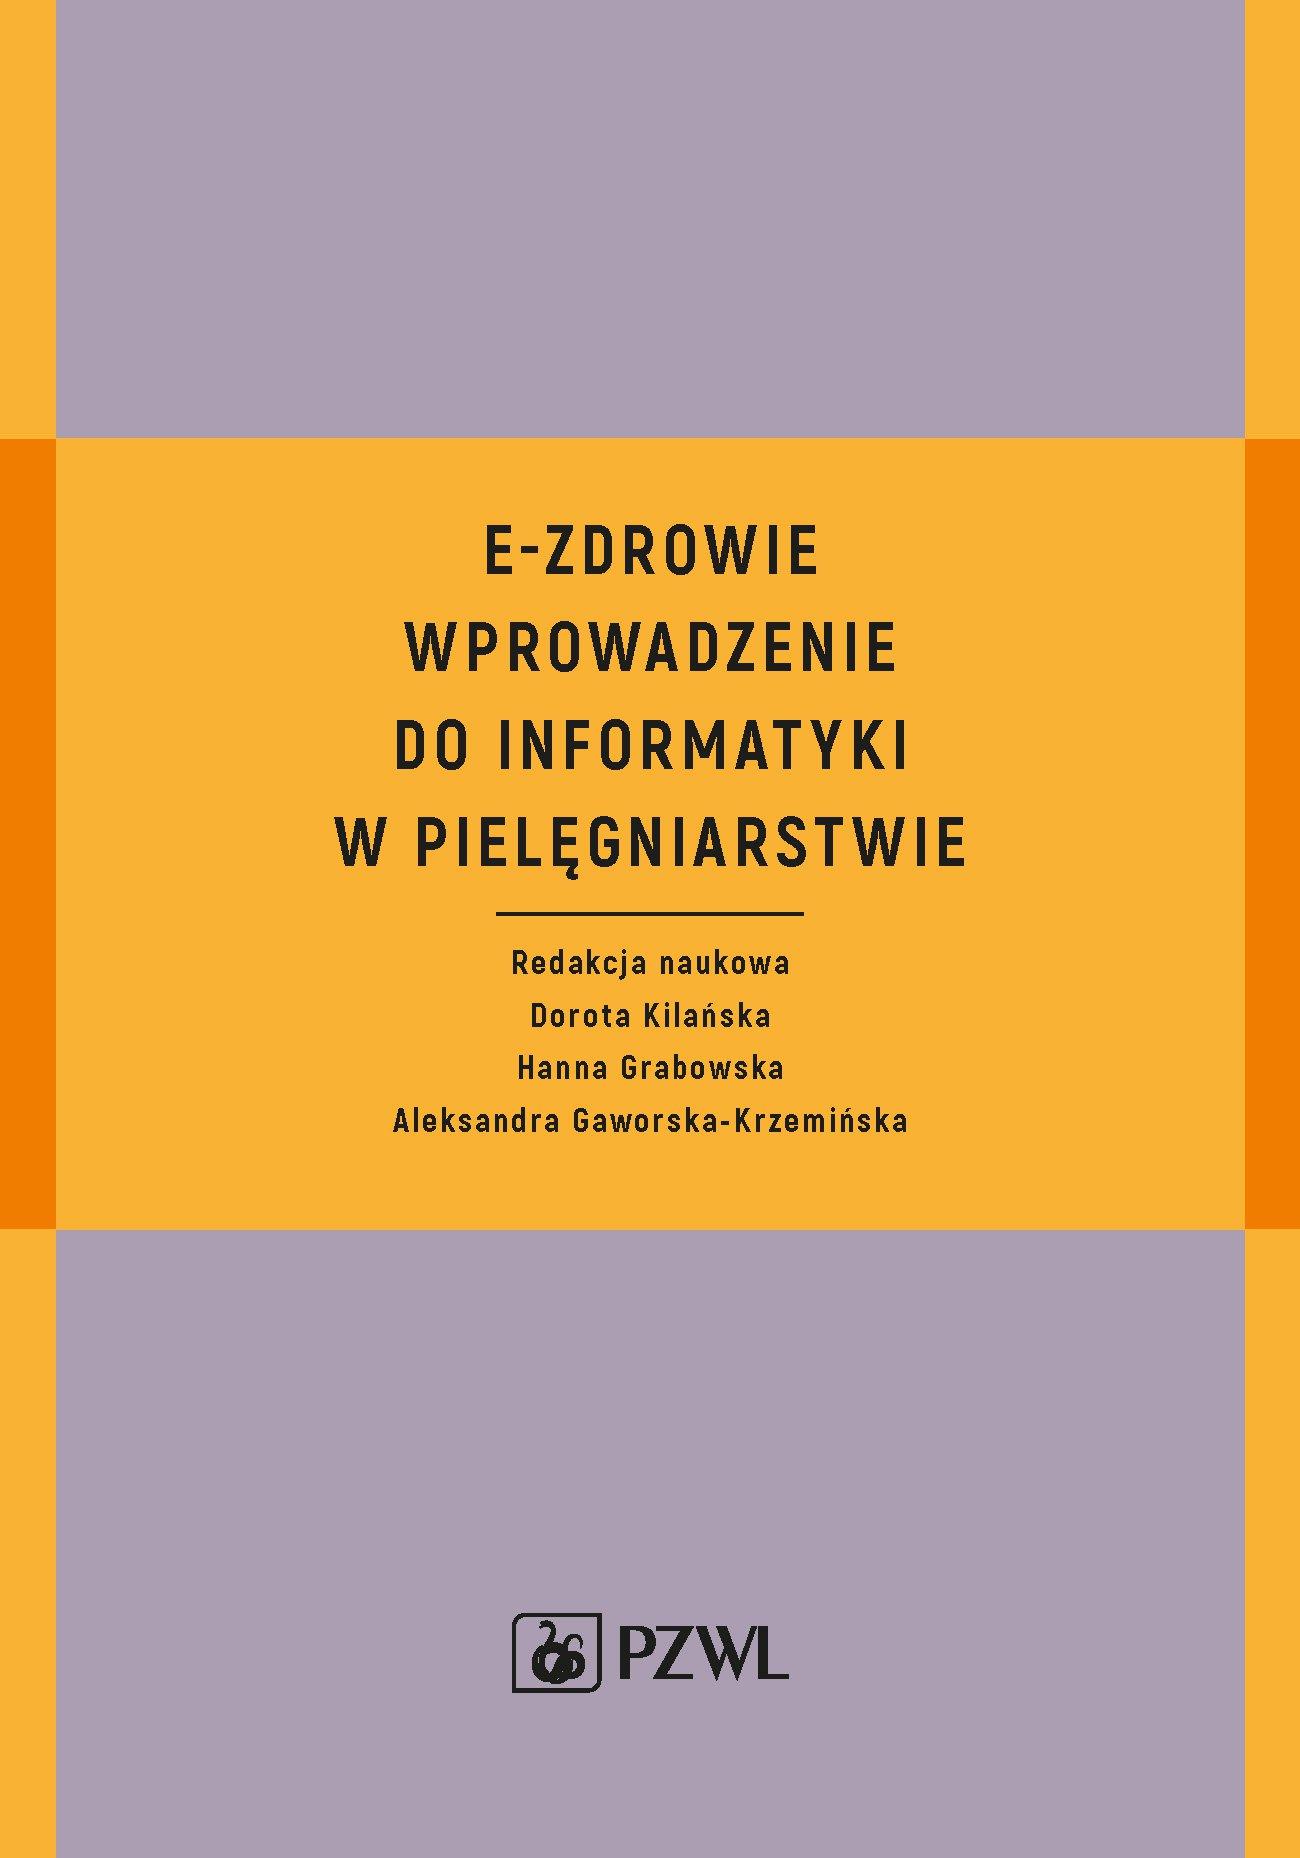 E-Zdrowie. Wprowadzenie do informatyki w pielęgniarstwie - Ebook (Książka na Kindle) do pobrania w formacie MOBI